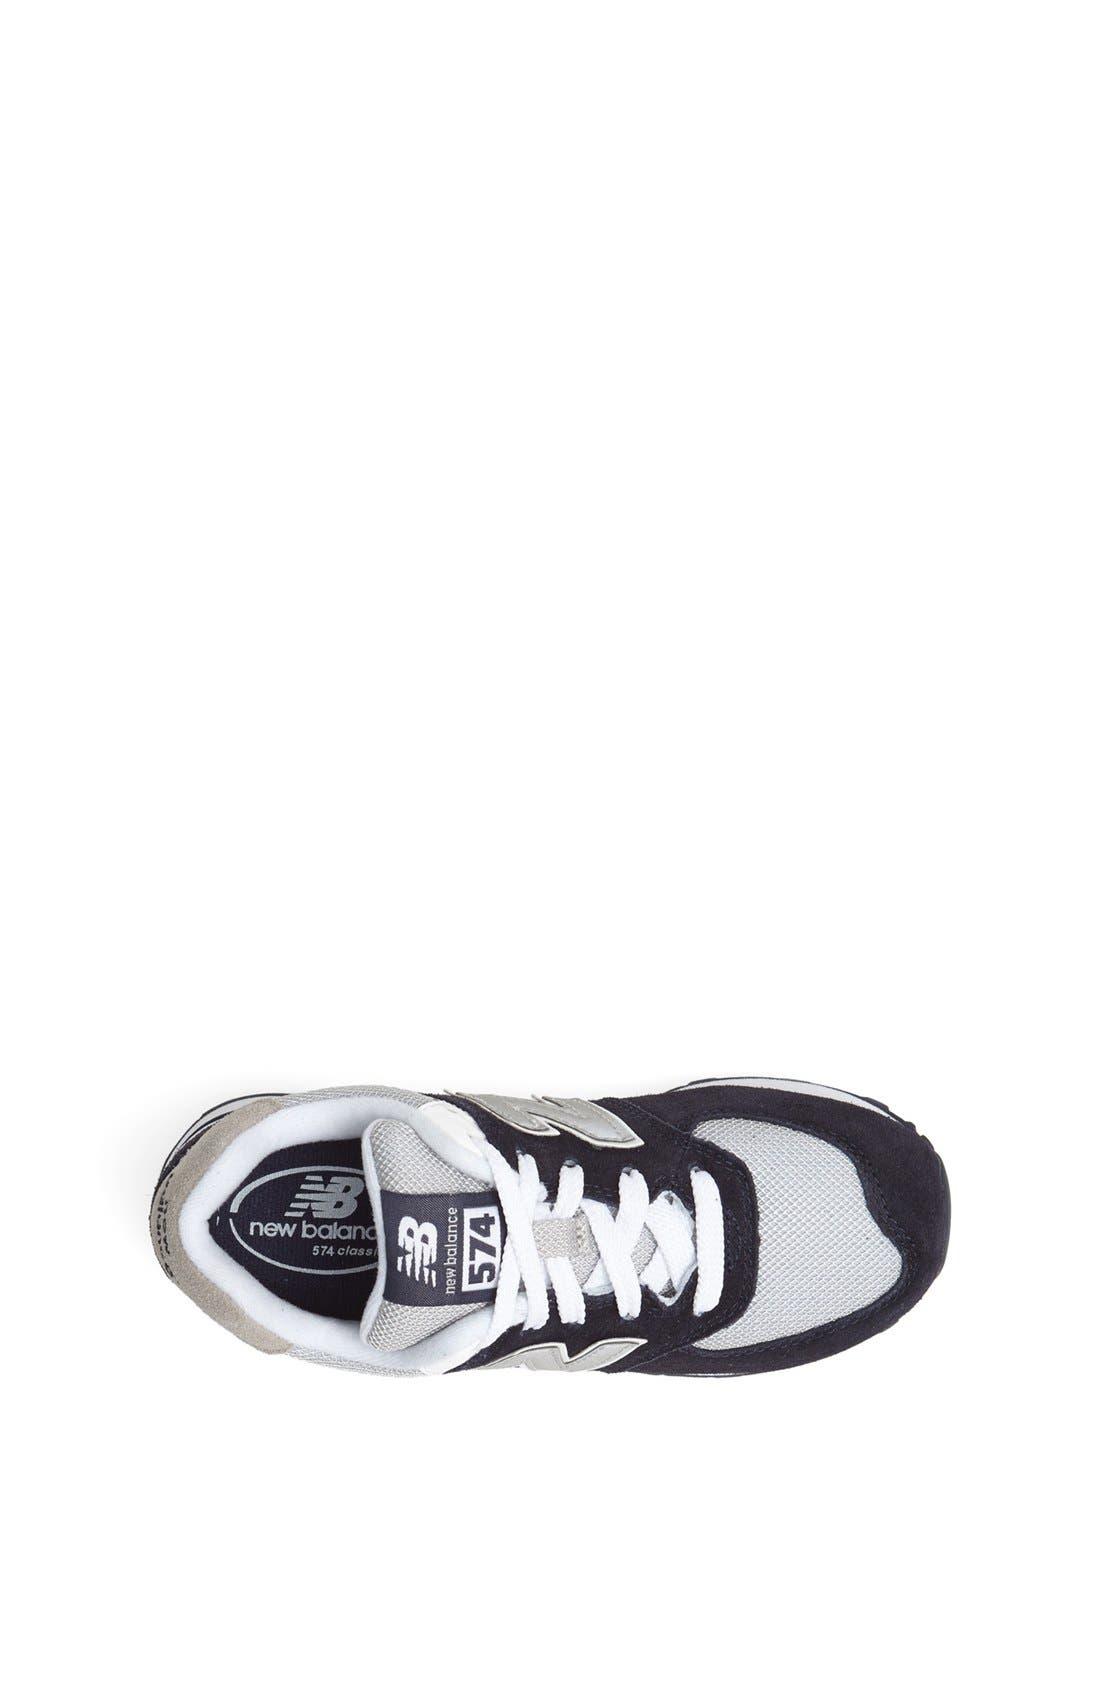 Alternate Image 3  - New Balance '574 Classic' Sneaker (Toddler & Little Kid)